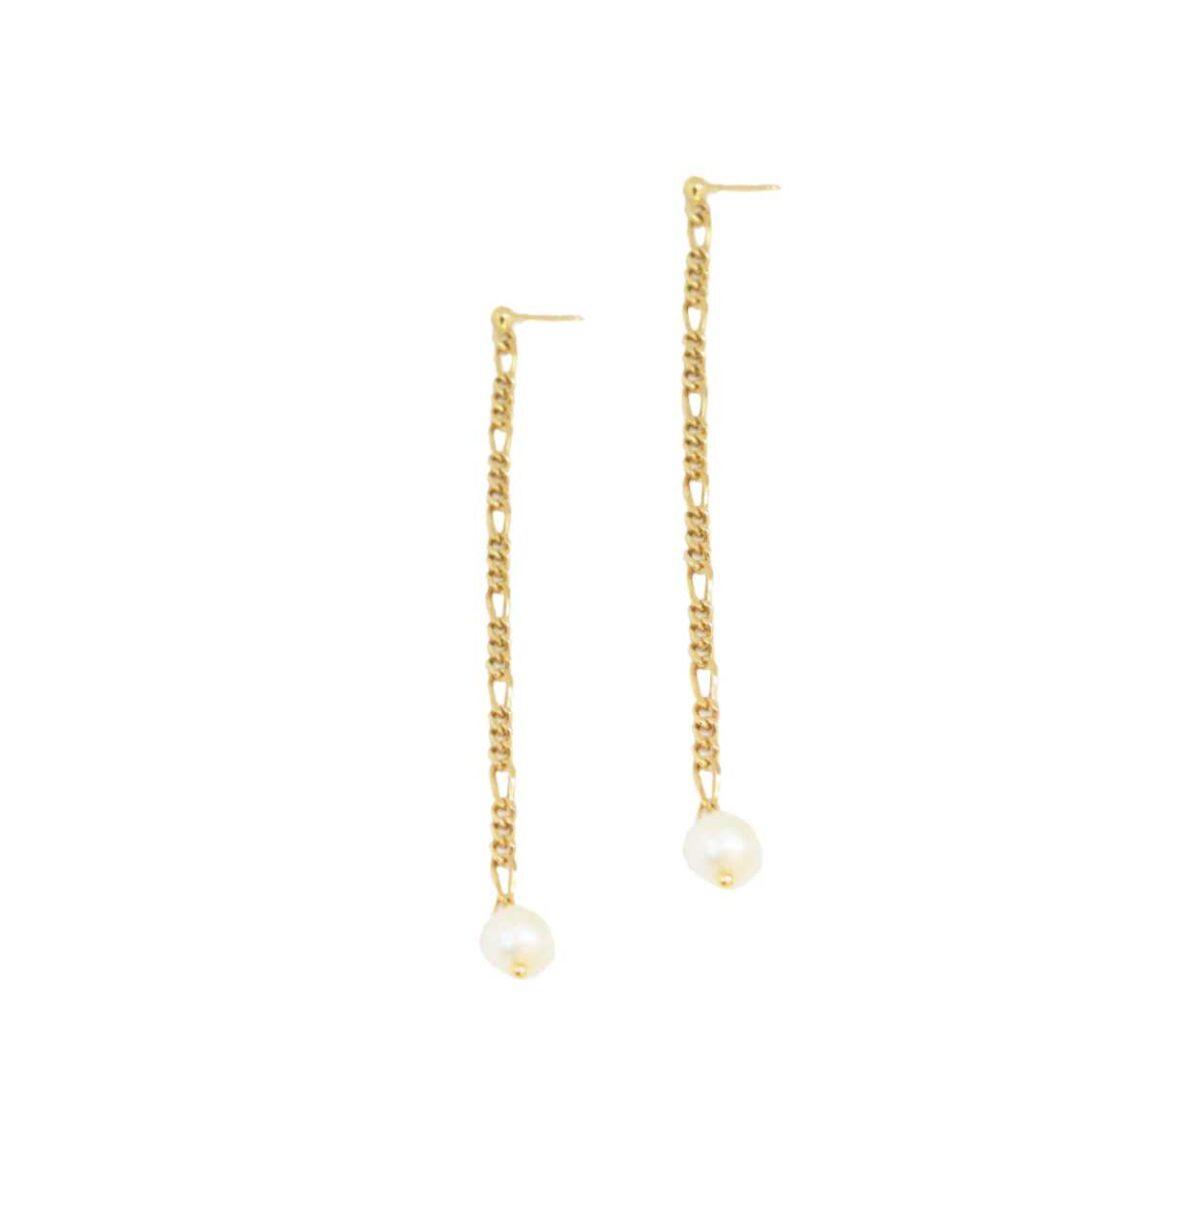 Scarlett earrings II gold plated